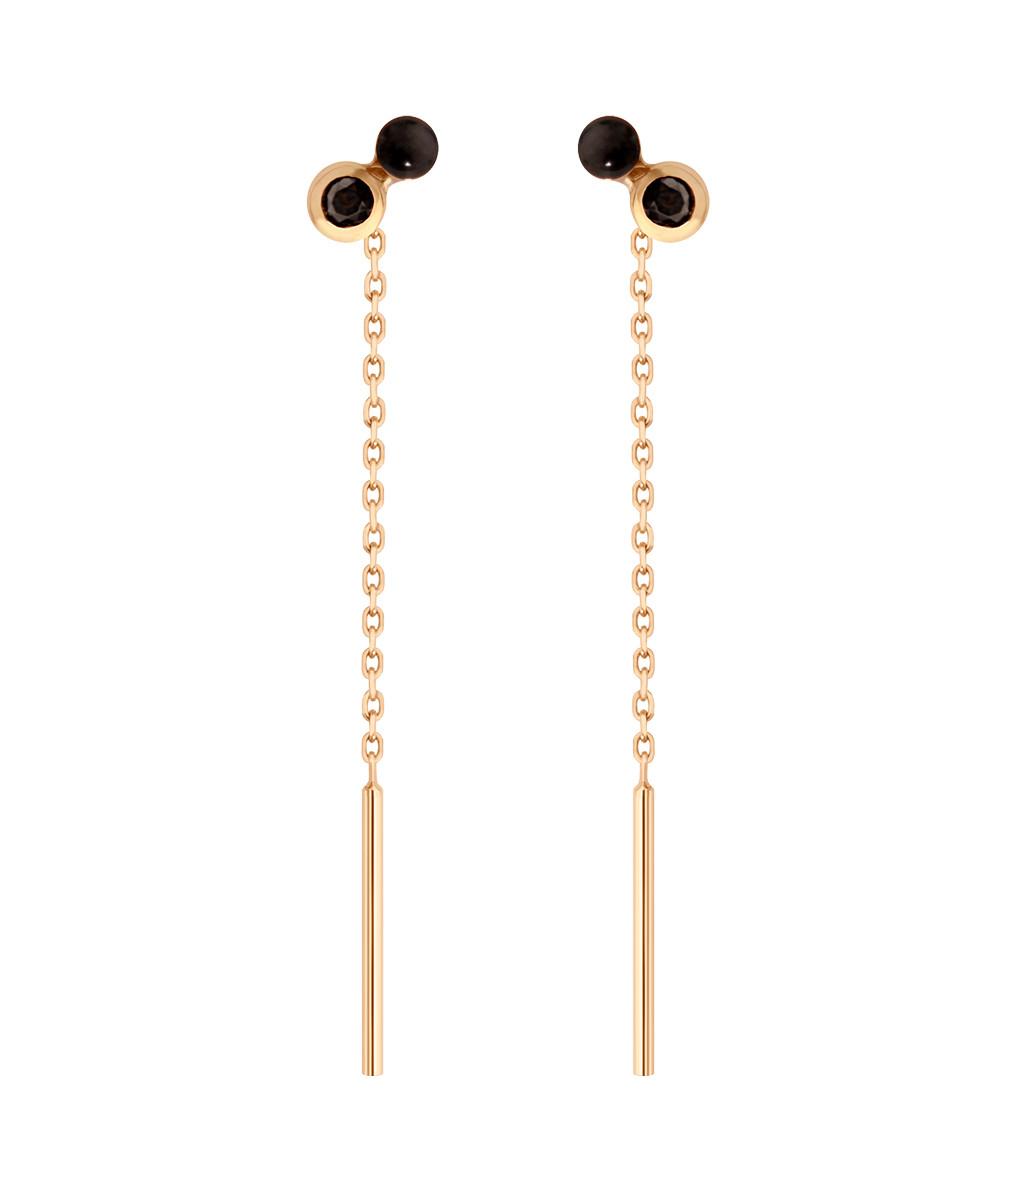 Boucles d'oreilles Pendantes Double Puce Résine - CLOZEAU